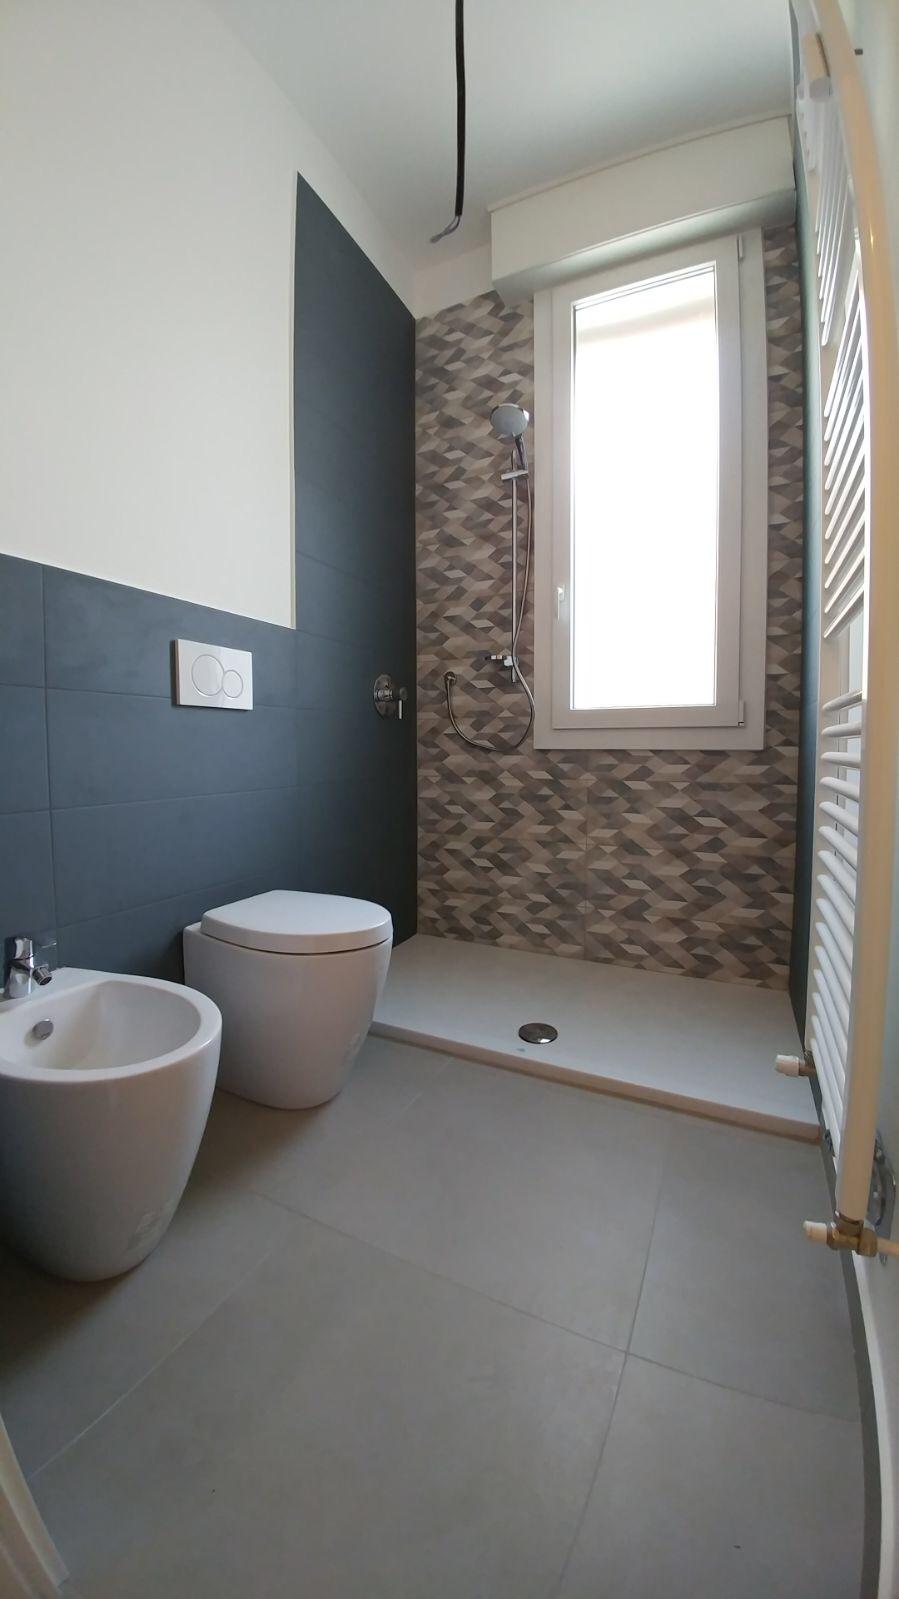 Doccia sotto la finestra gallery of cucine con lavabo sotto finestra doccia sotto finestra - Bagno con doccia davanti finestra ...